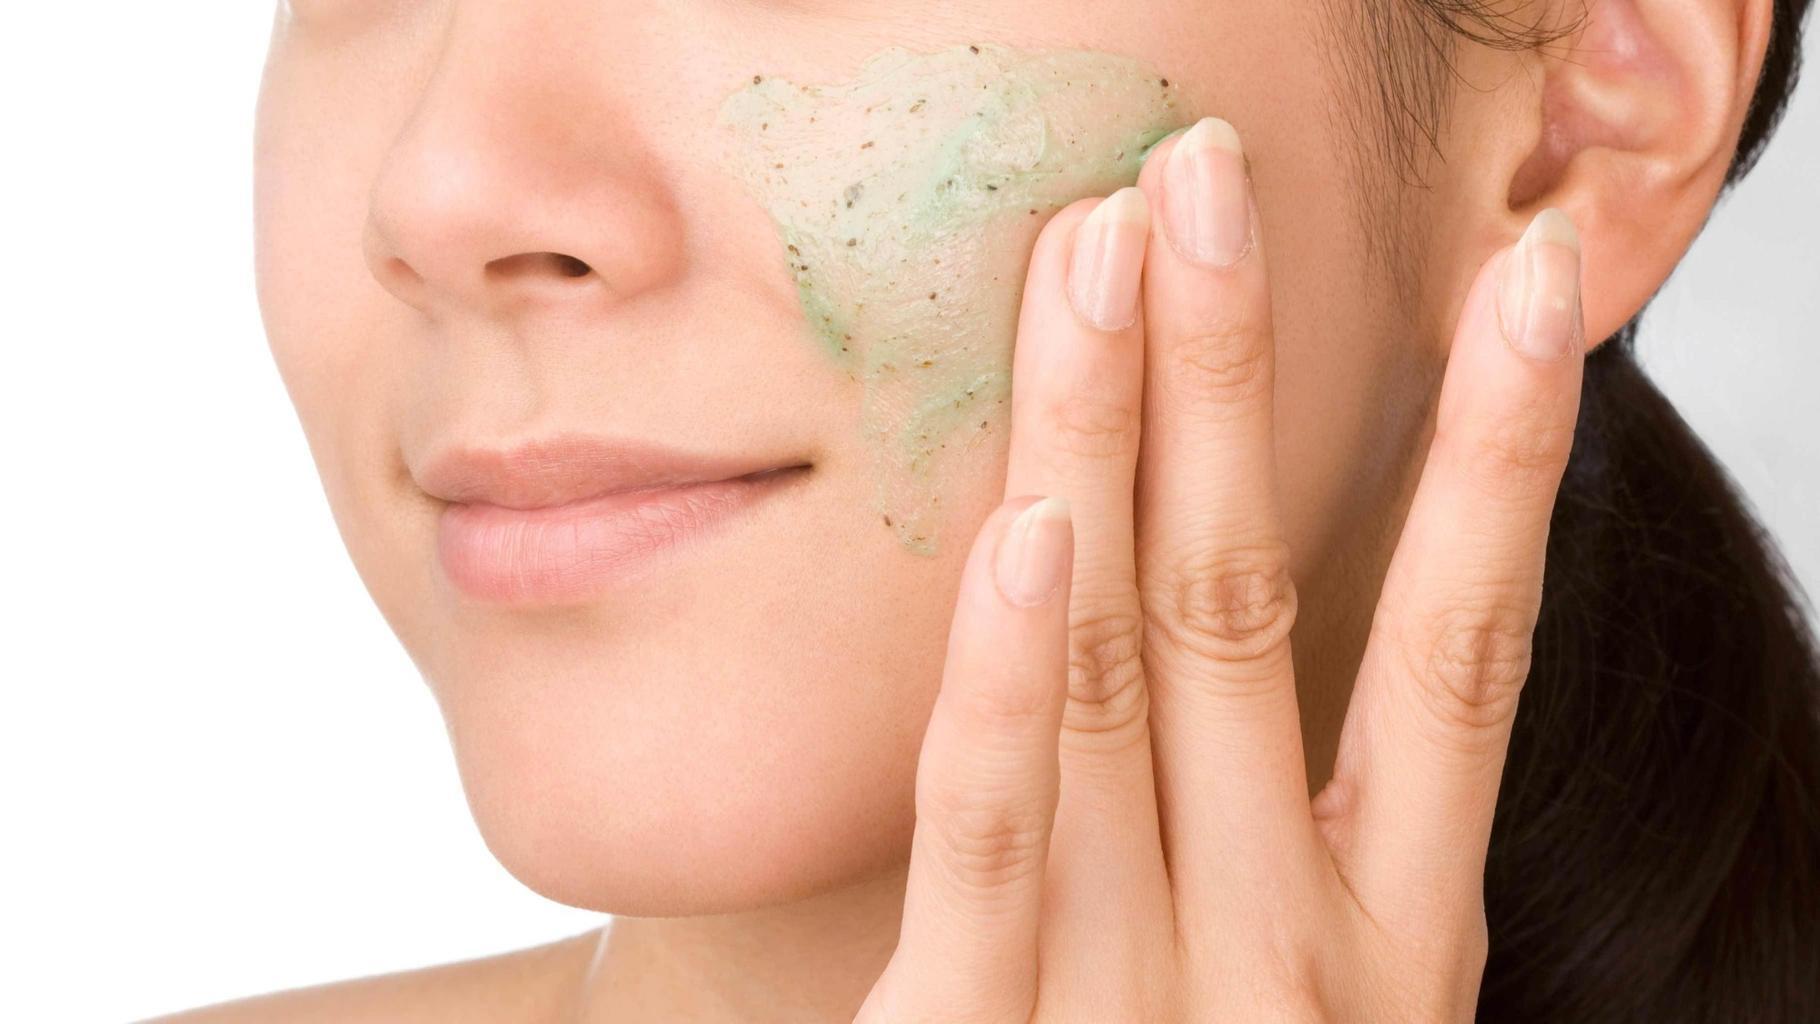 Chuyên gia nổi tiếng tiết lộ 5 thứ không được thoa lên da mặt, phụ nữ muốn đẹp nhất định phải biết - Hình 4